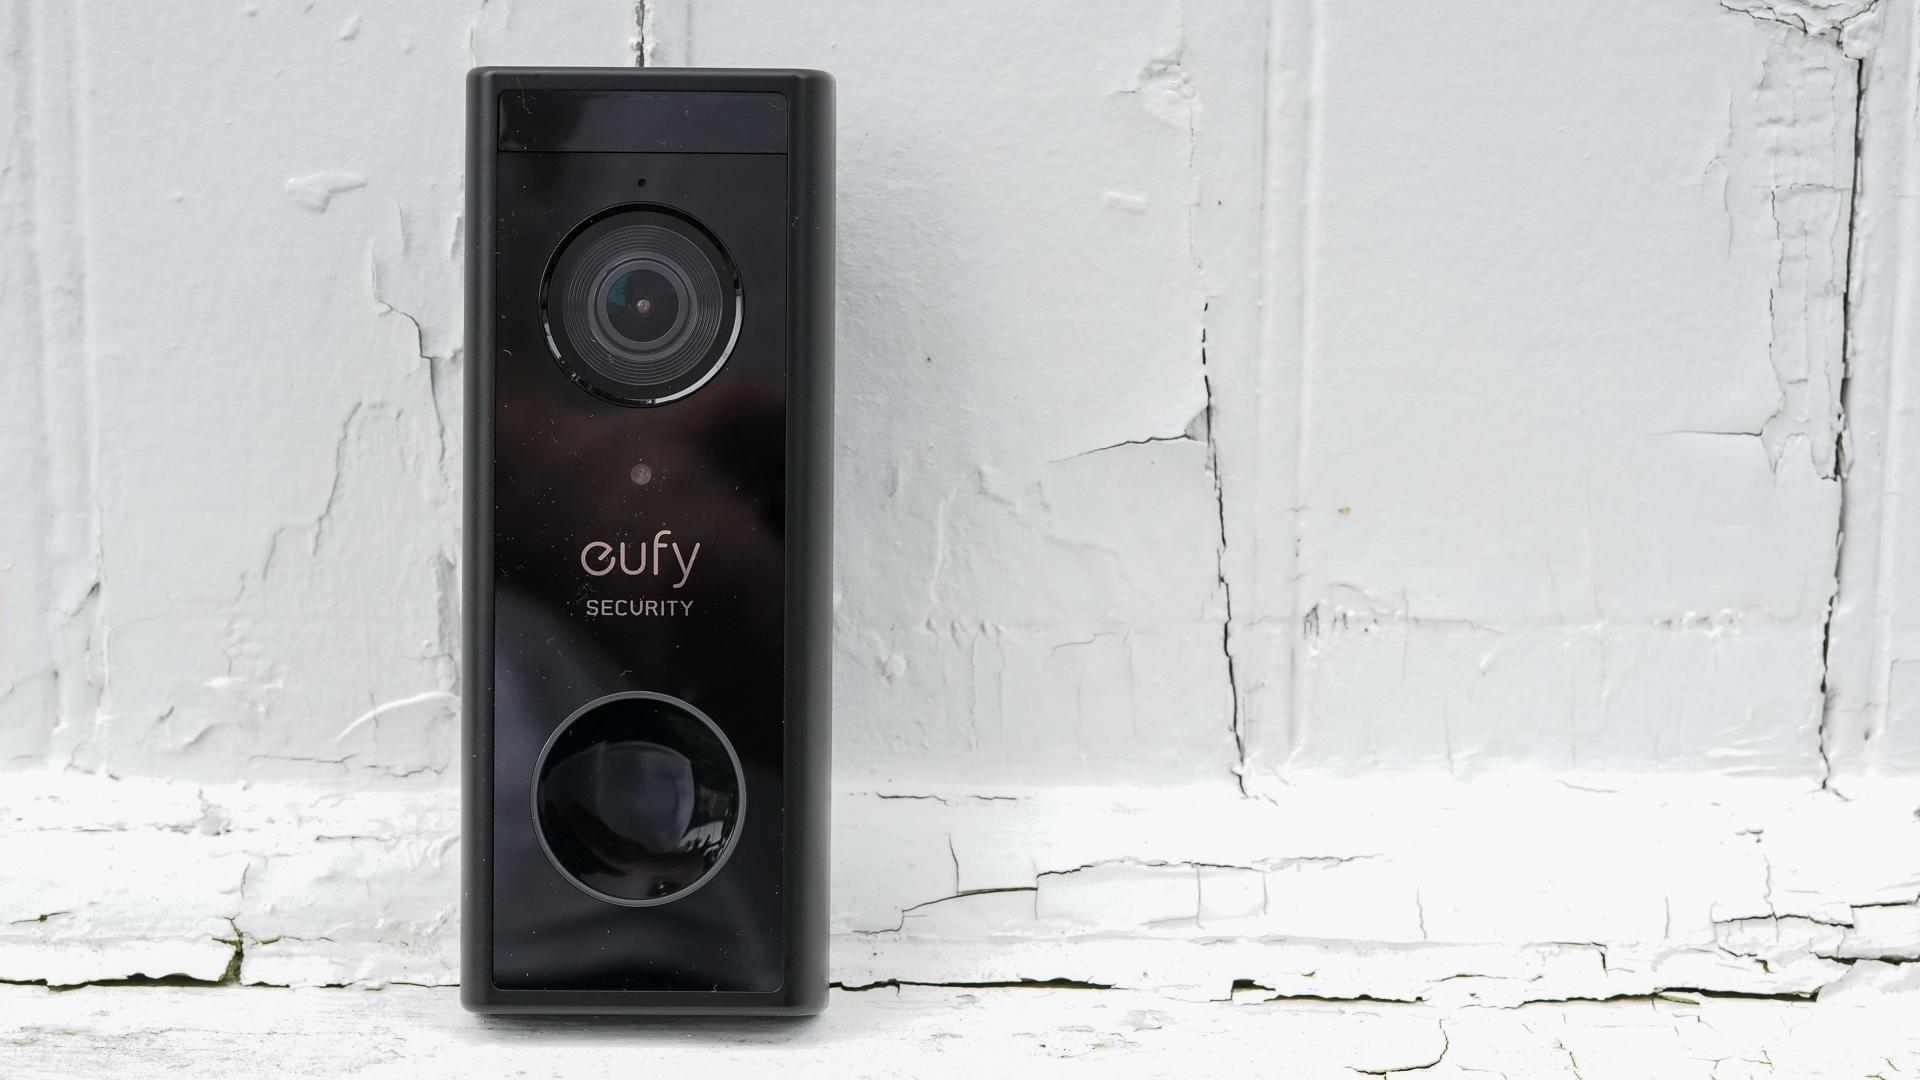 Eufy Video Doorbell doorbell alone